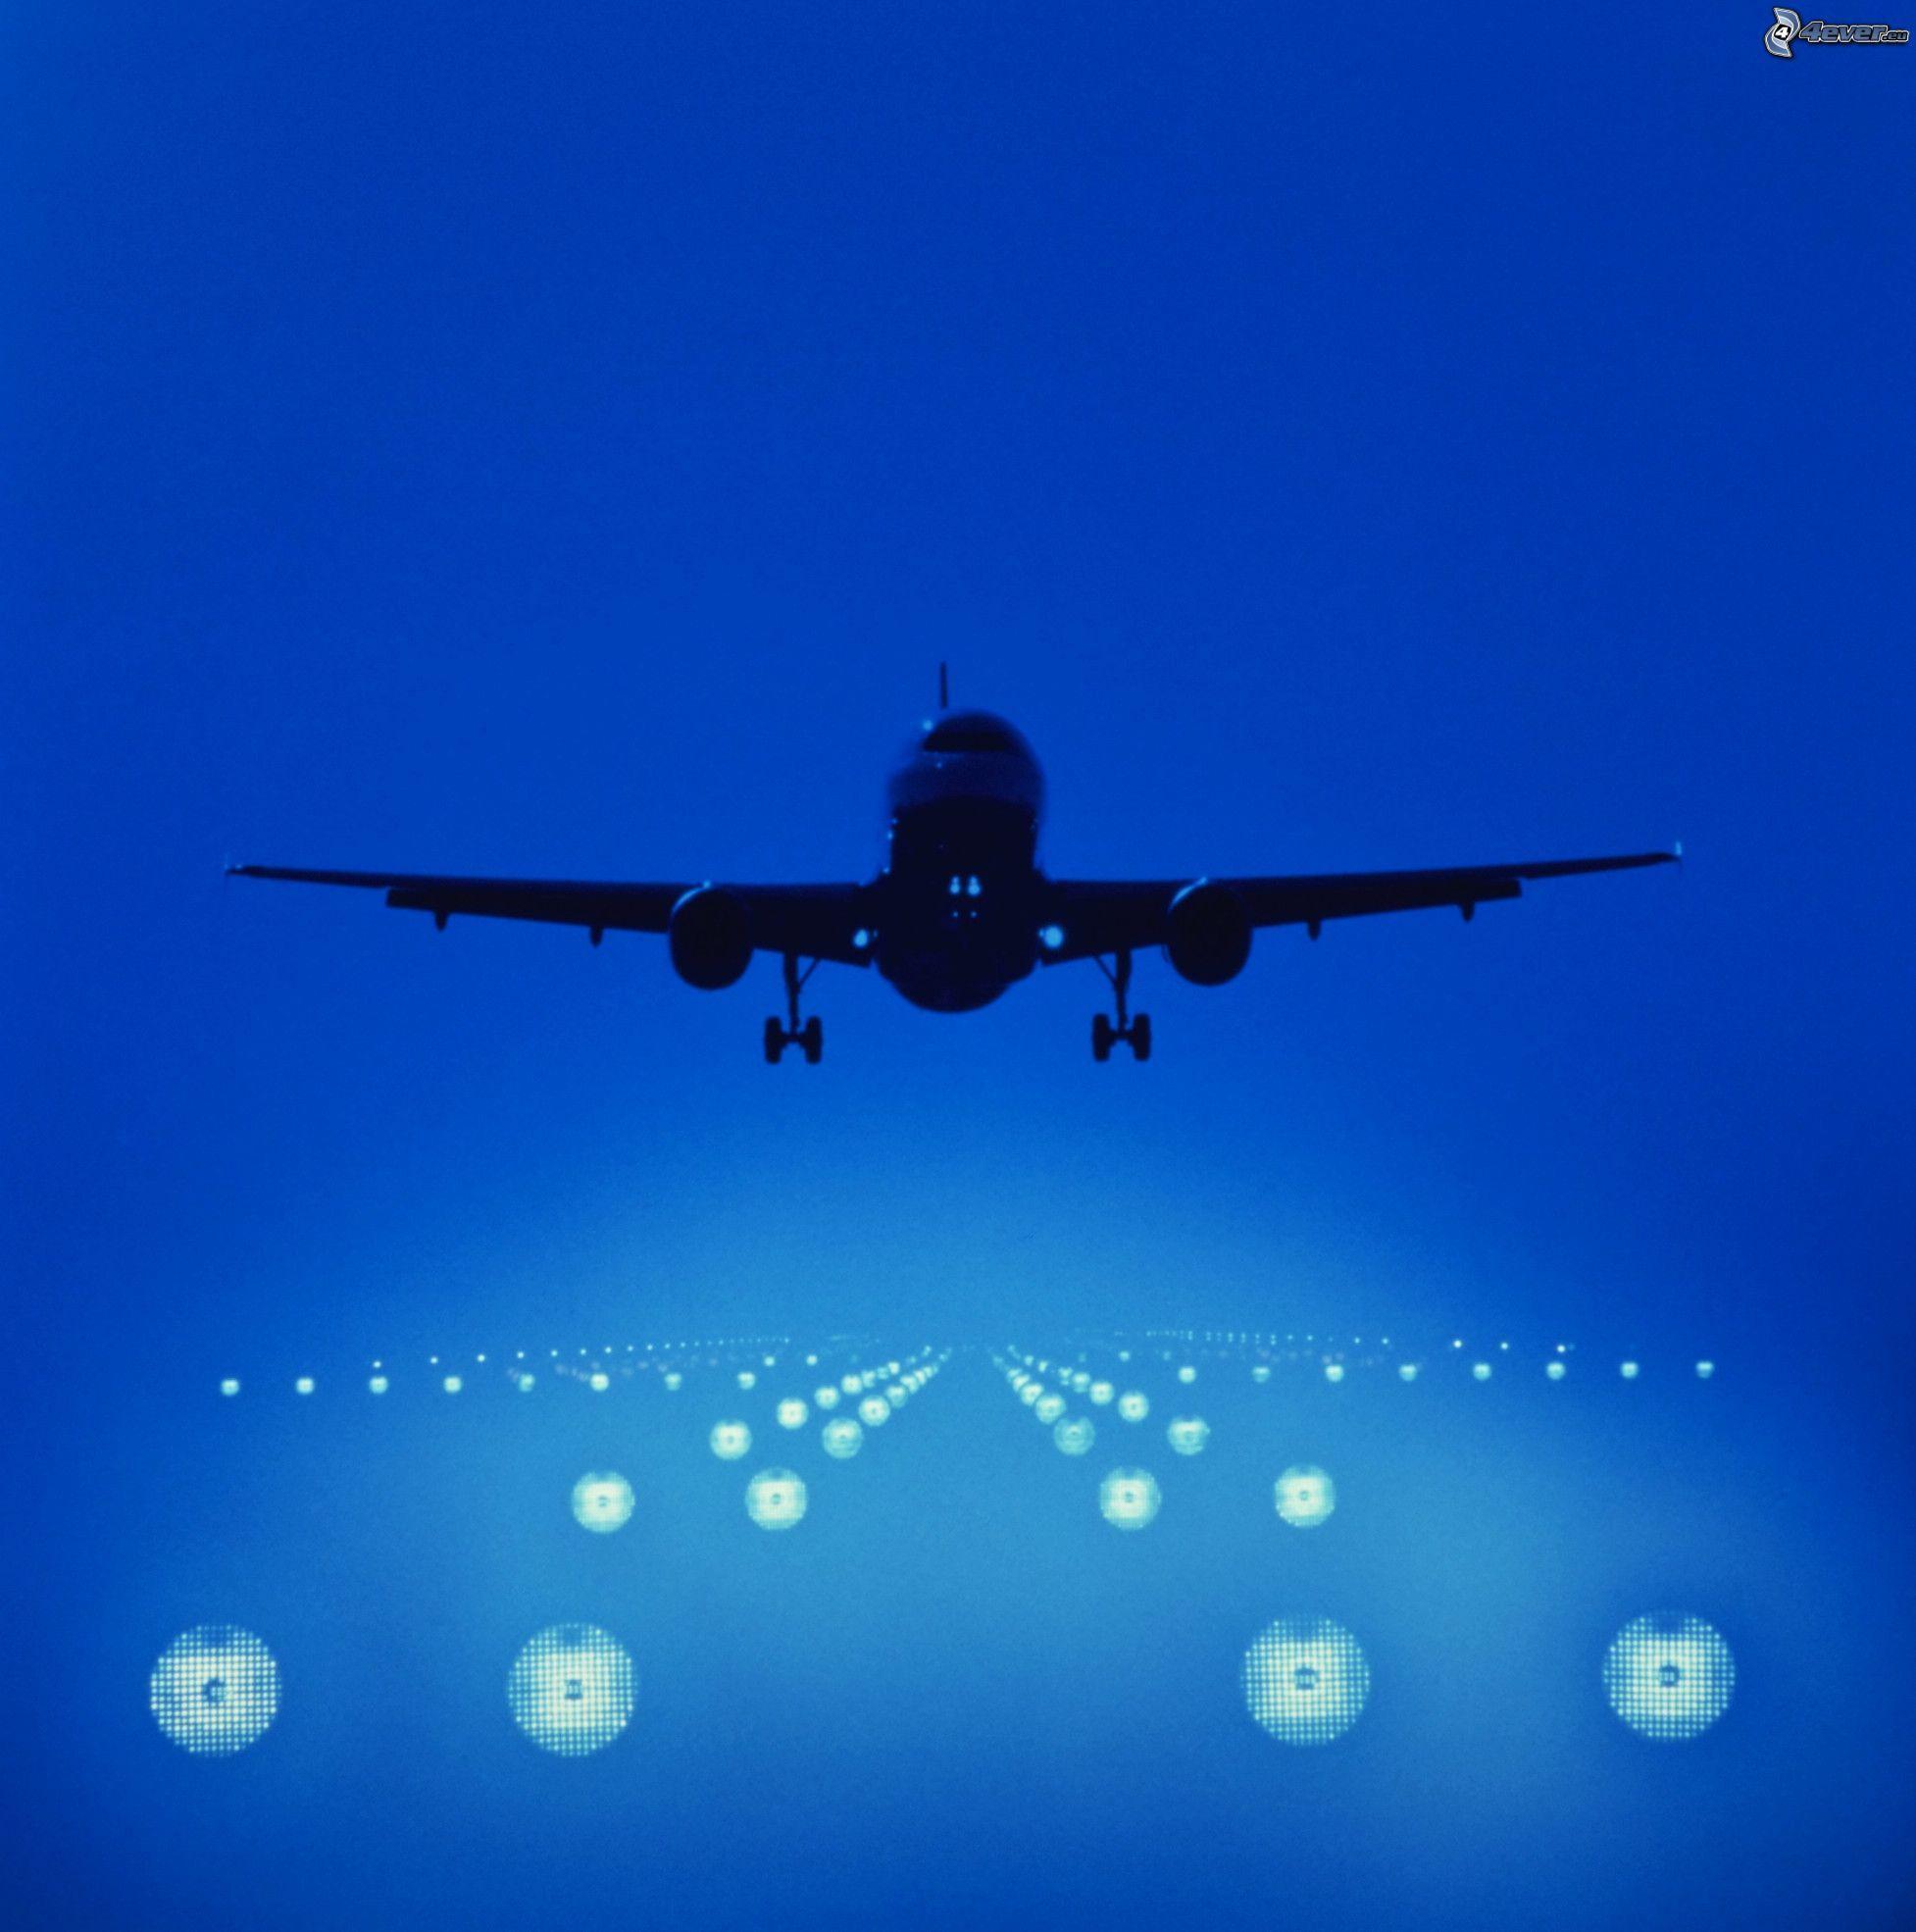 говорилось картинка самолет в небе анимация видео актрисы